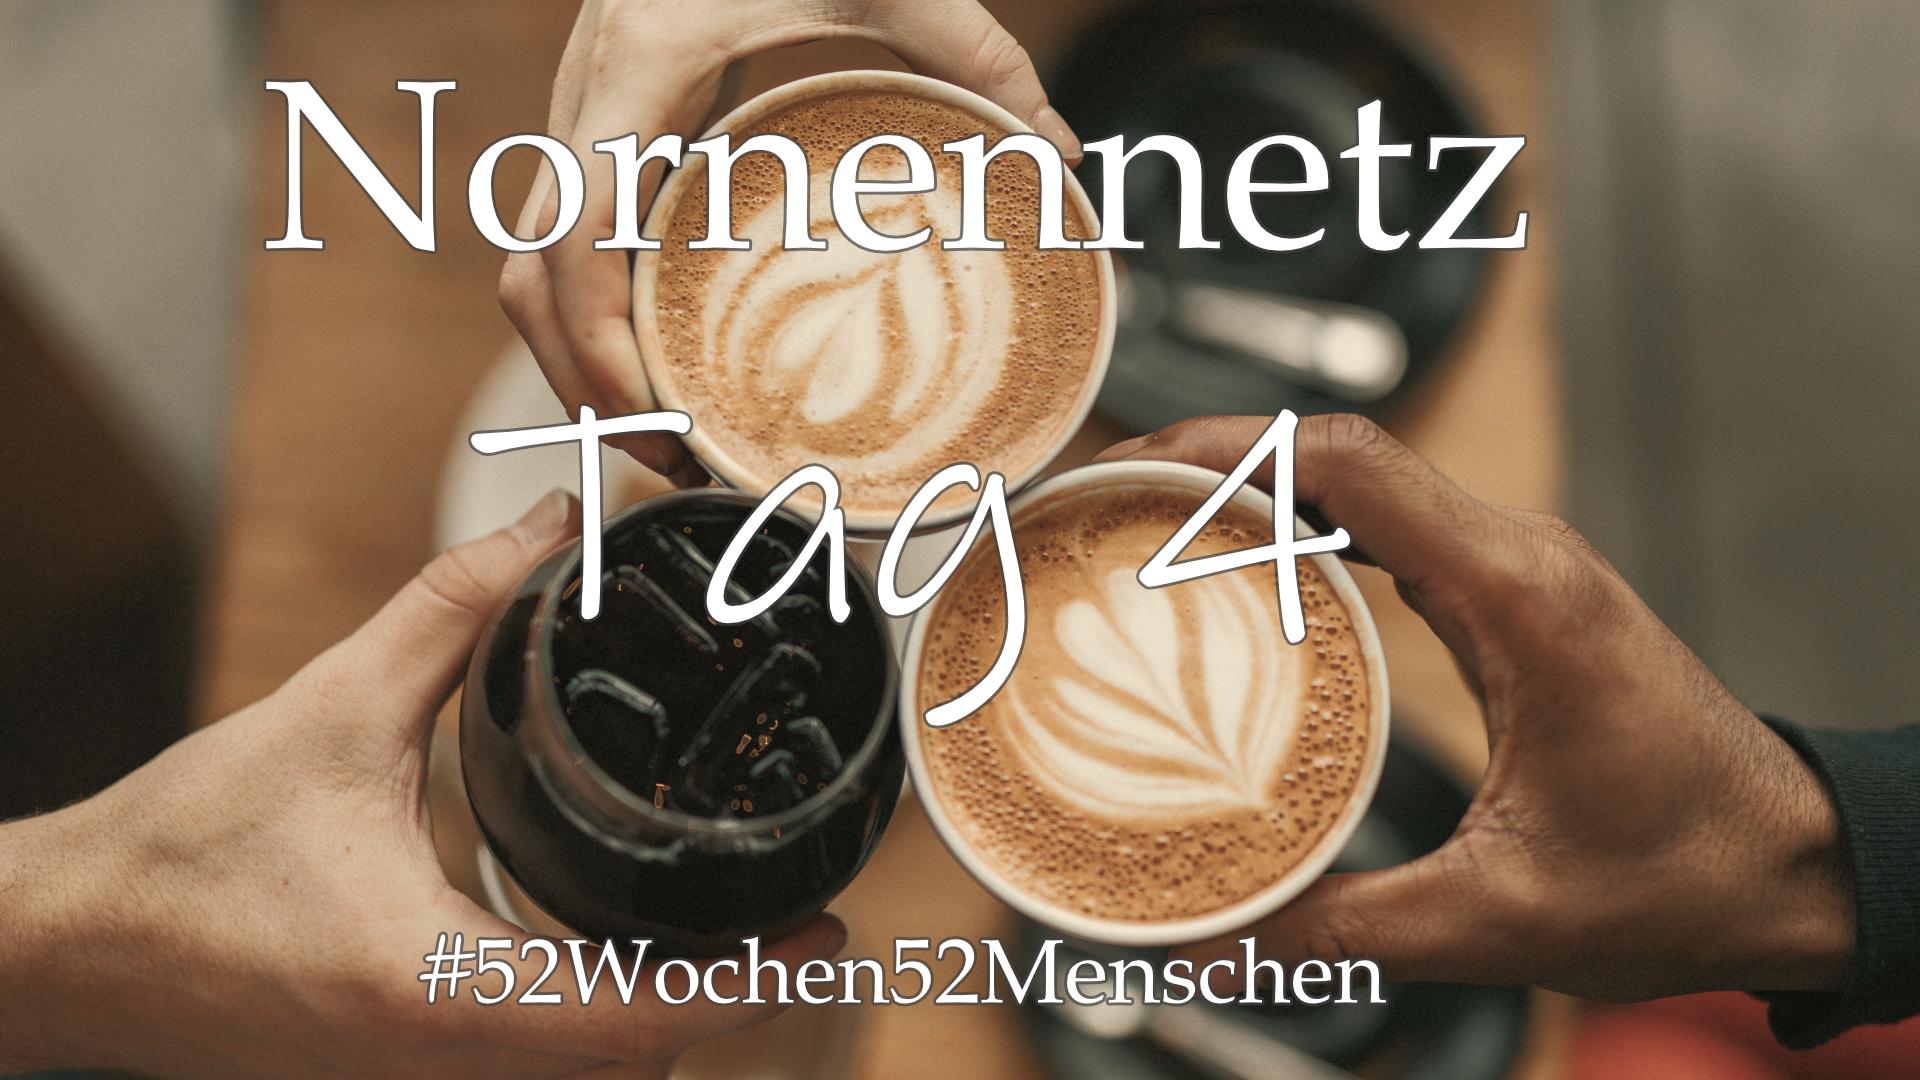 #52Wochen52Menschen: KW2 – Nornennetzwerk- Tag 4